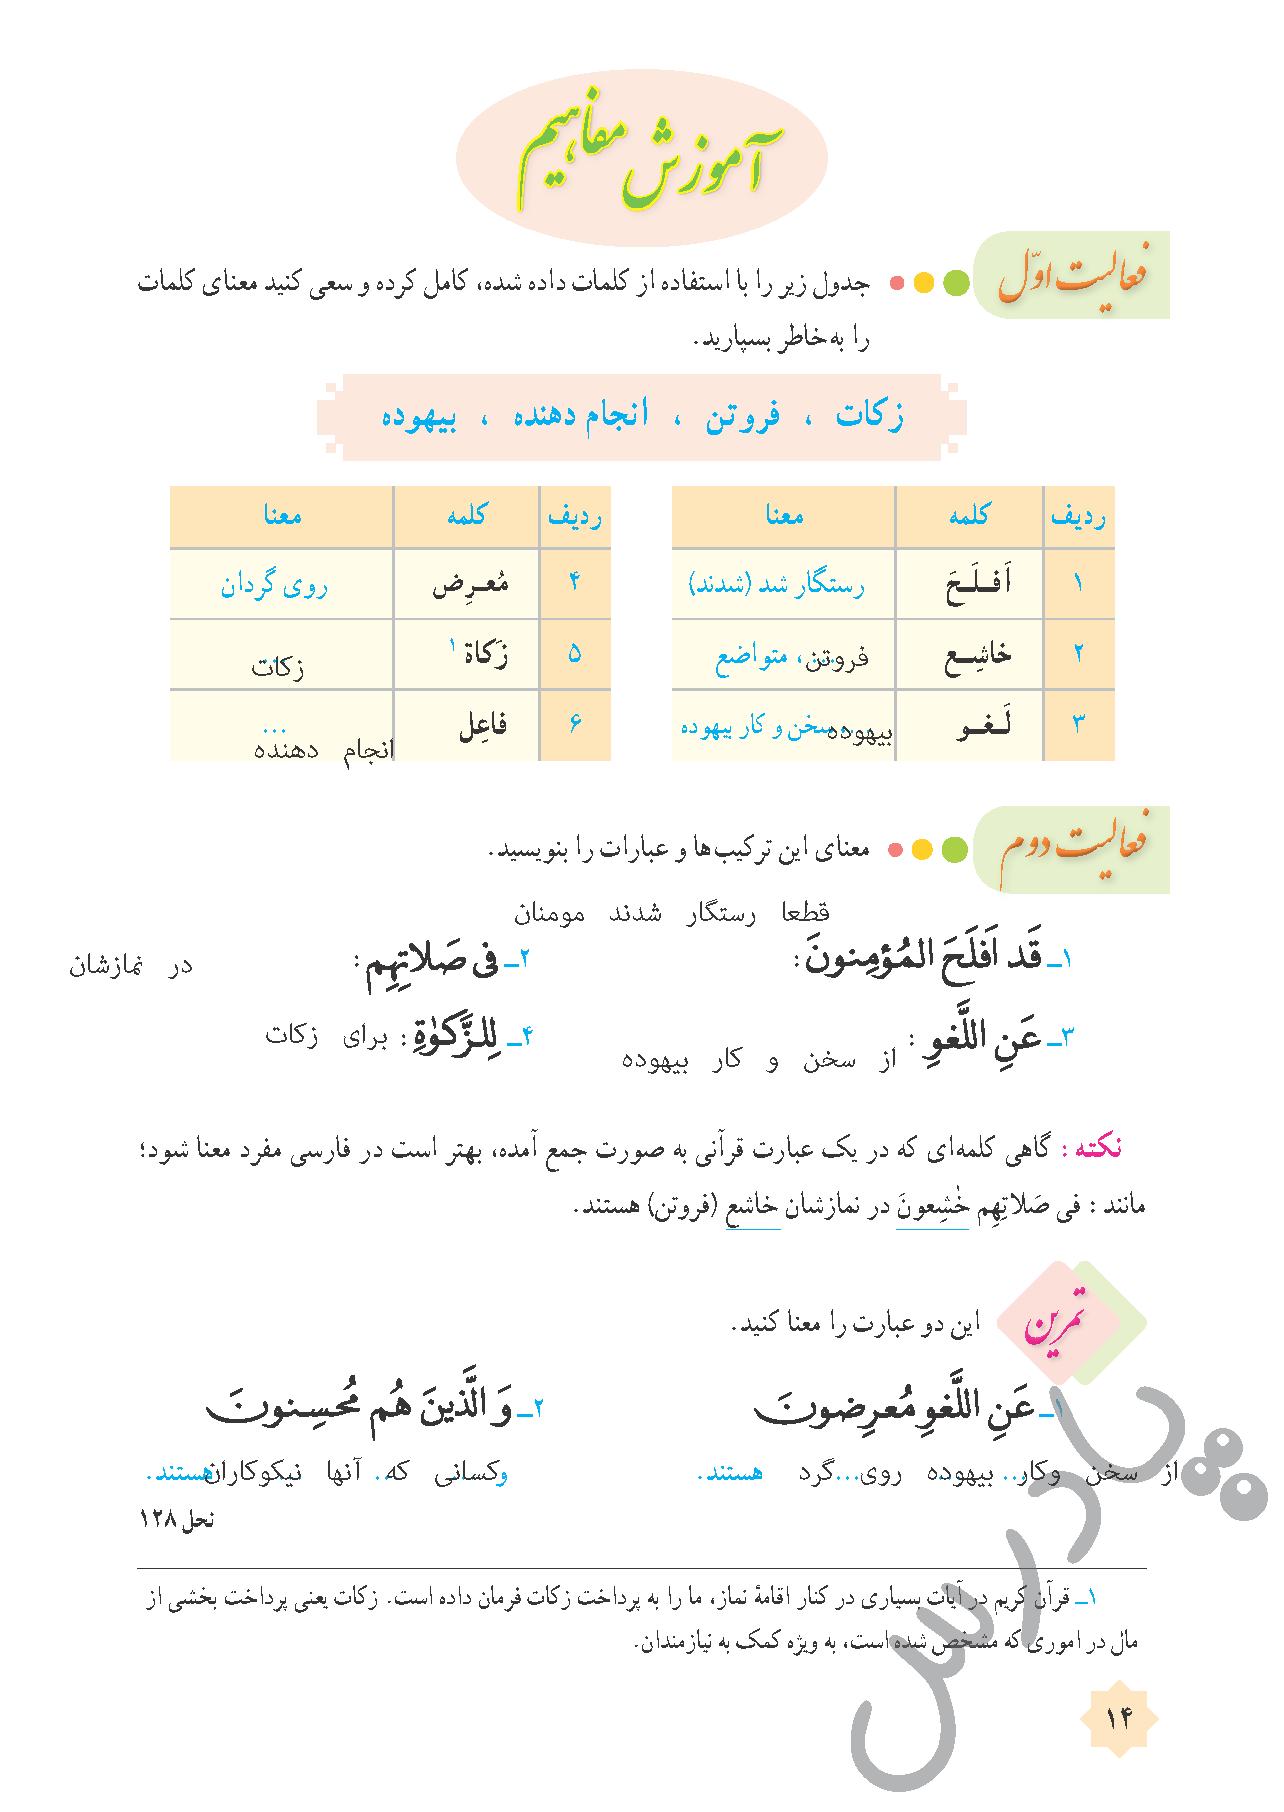 جواب فعالیت و تمرین درس 1 قرآن هشتم